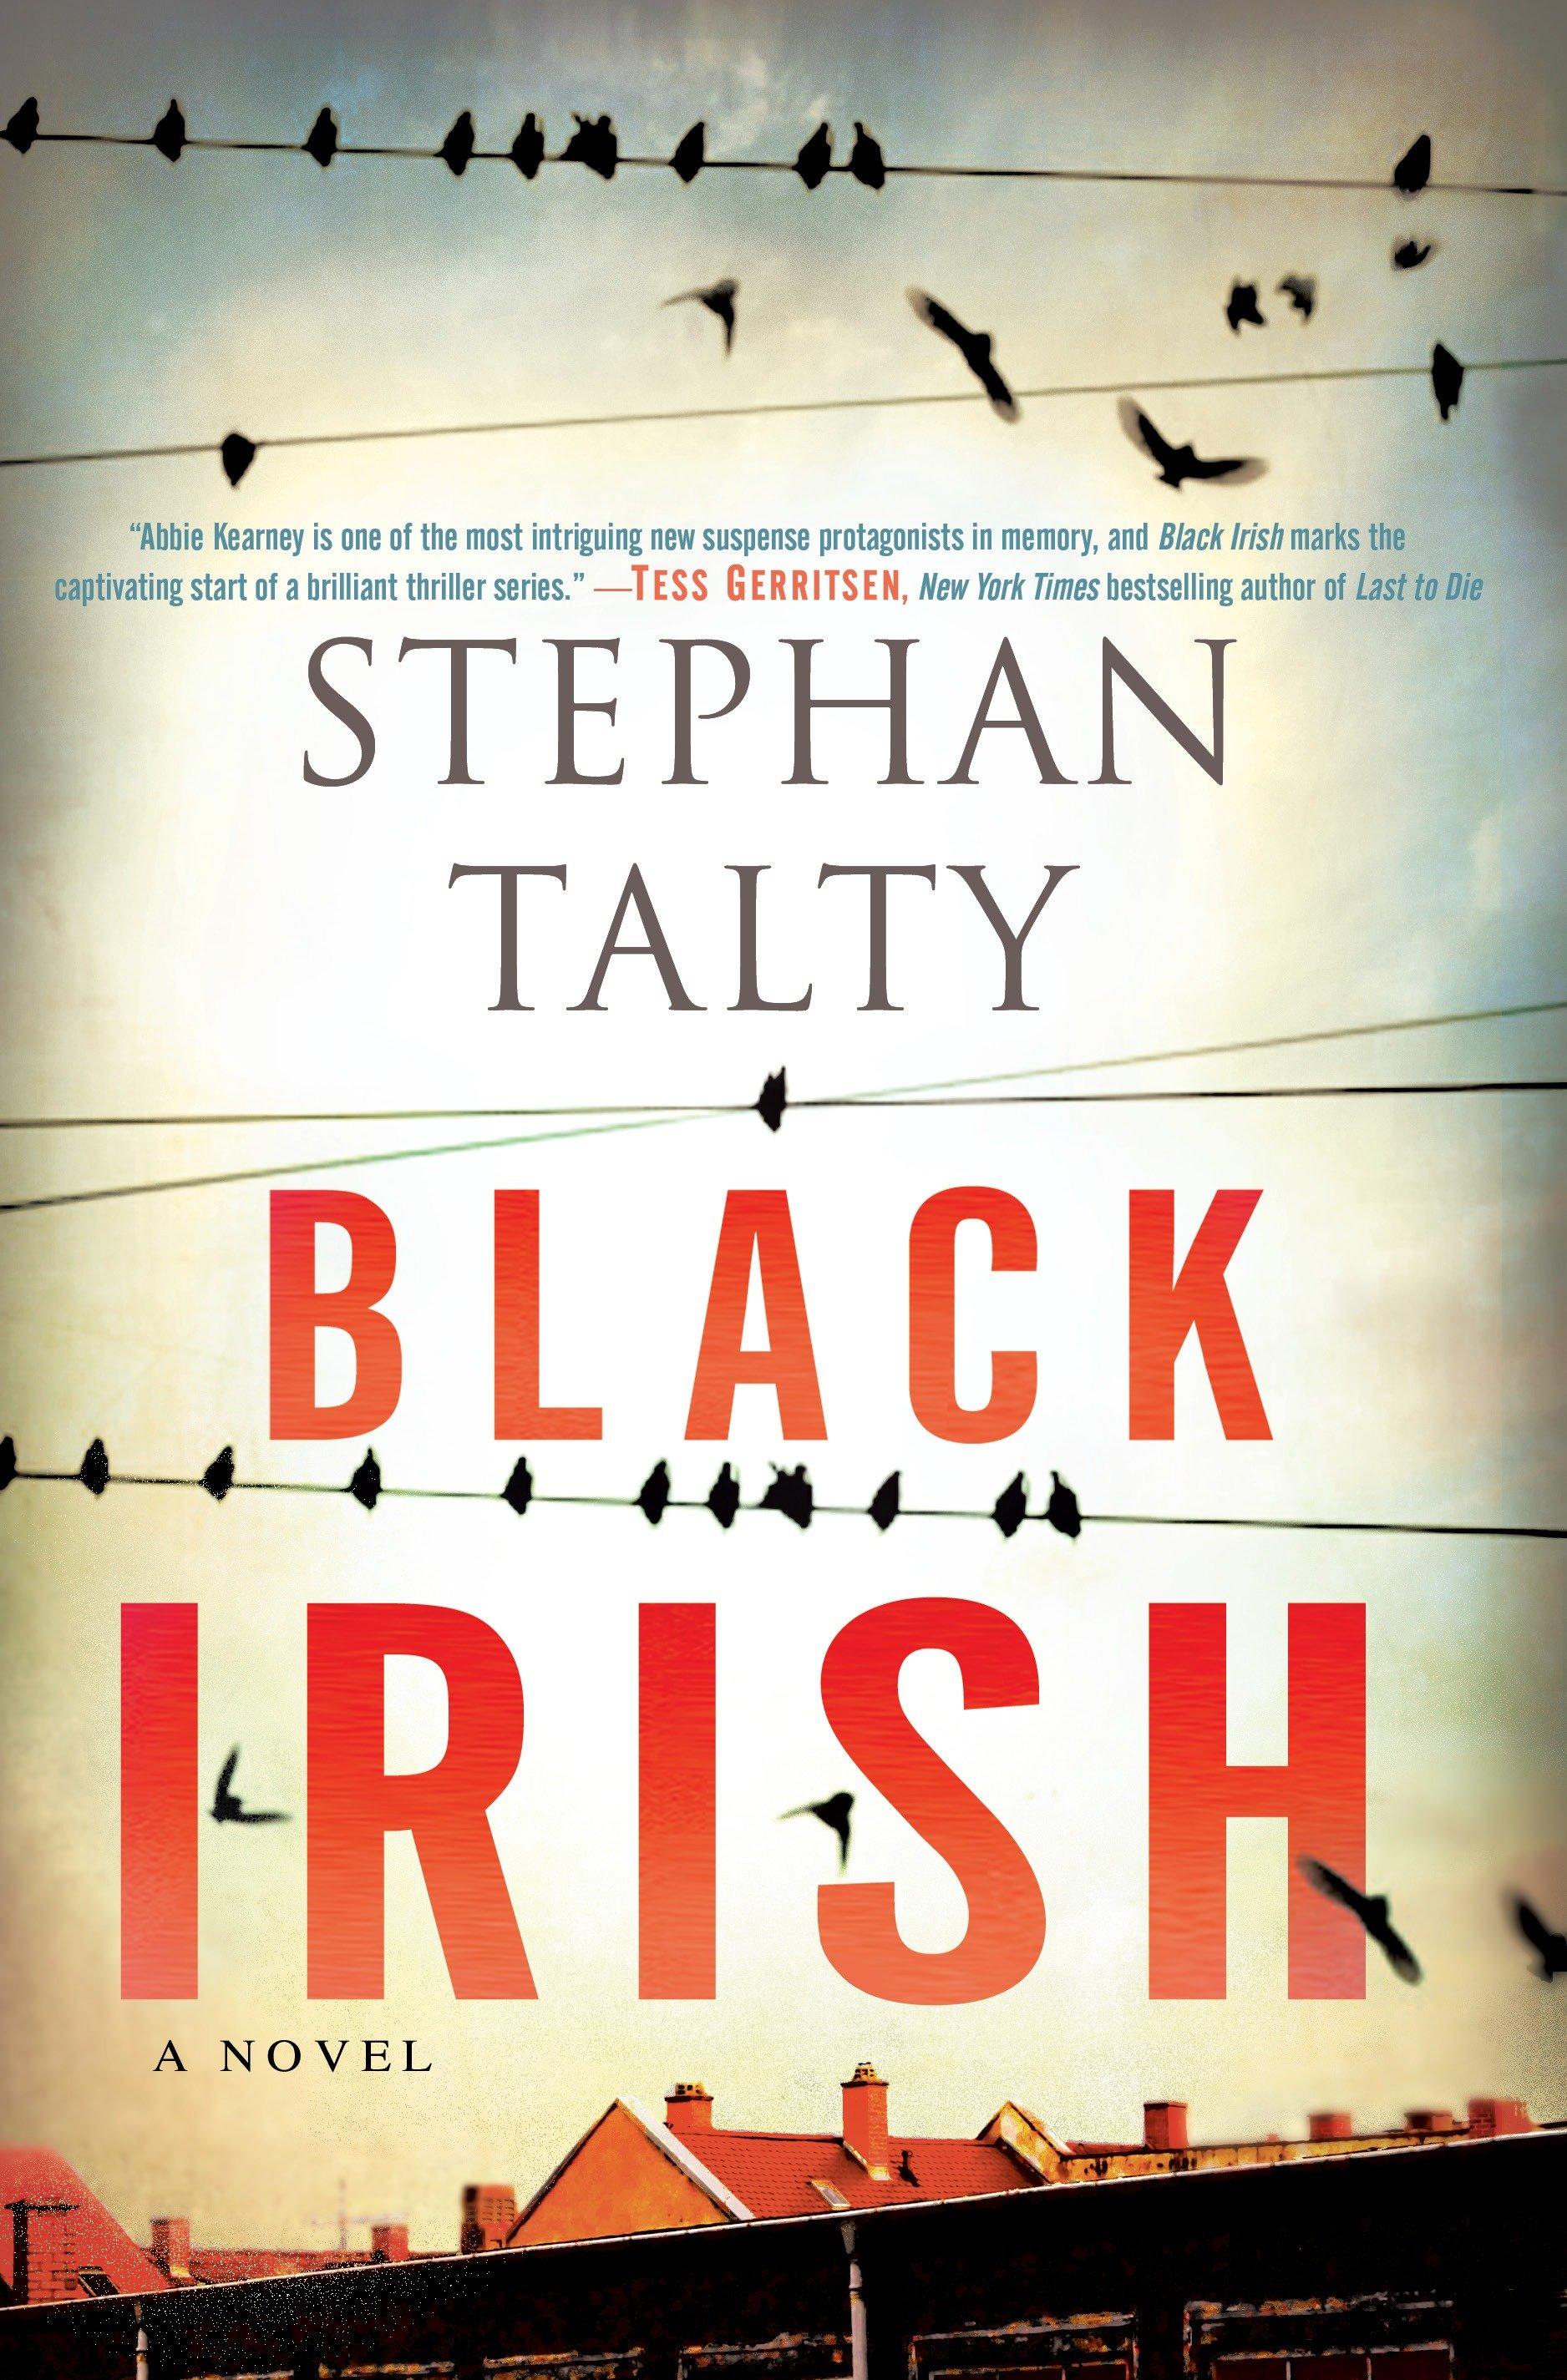 Black Irish A Novel